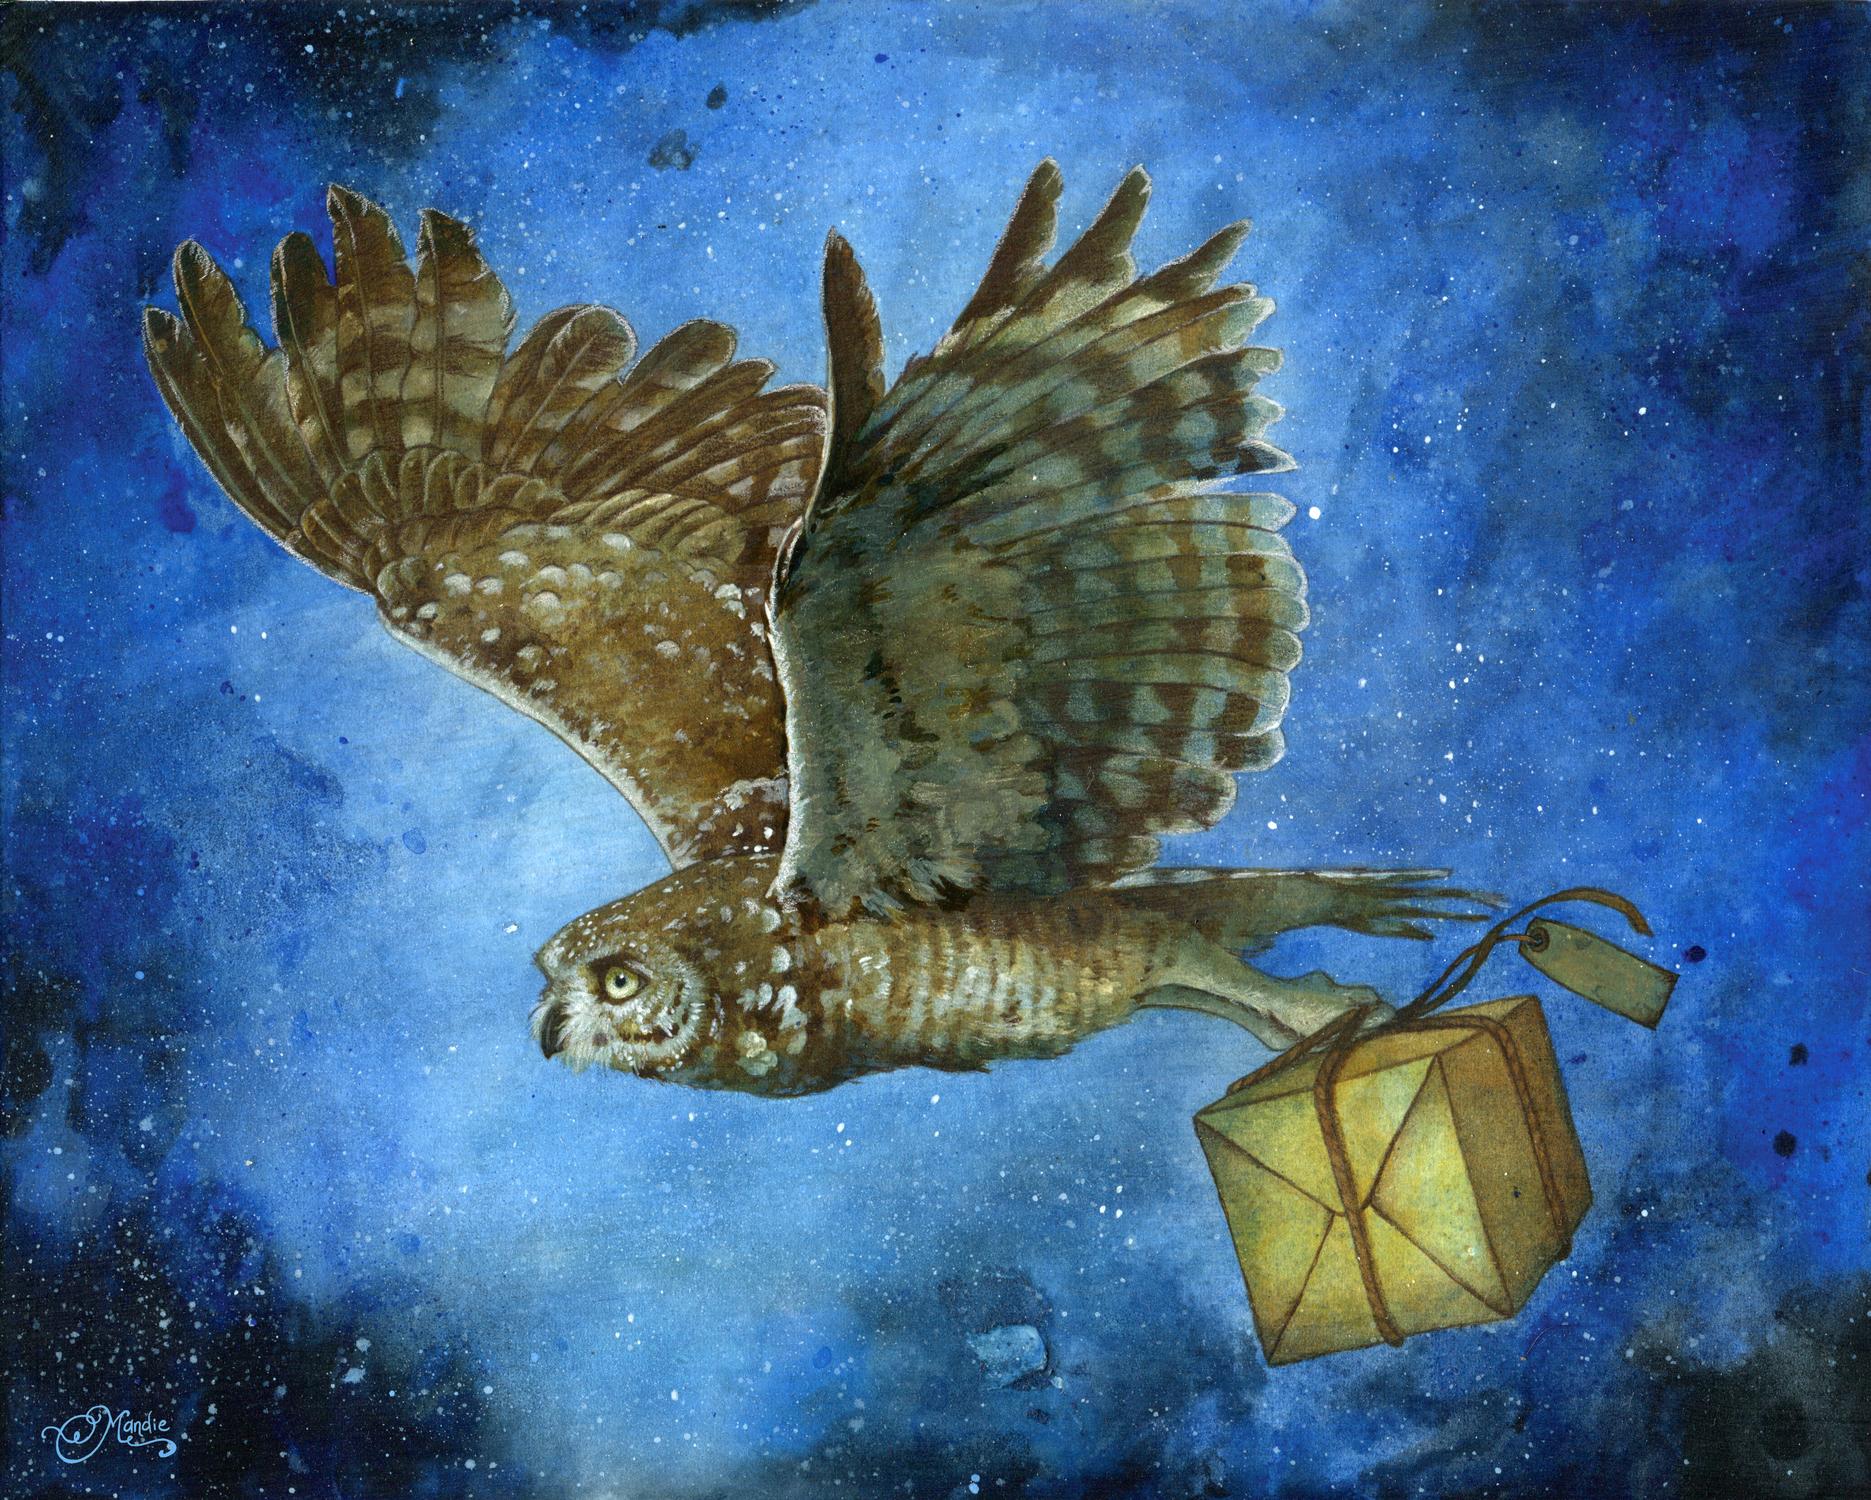 Owl Post Artwork by Mandie LaRue